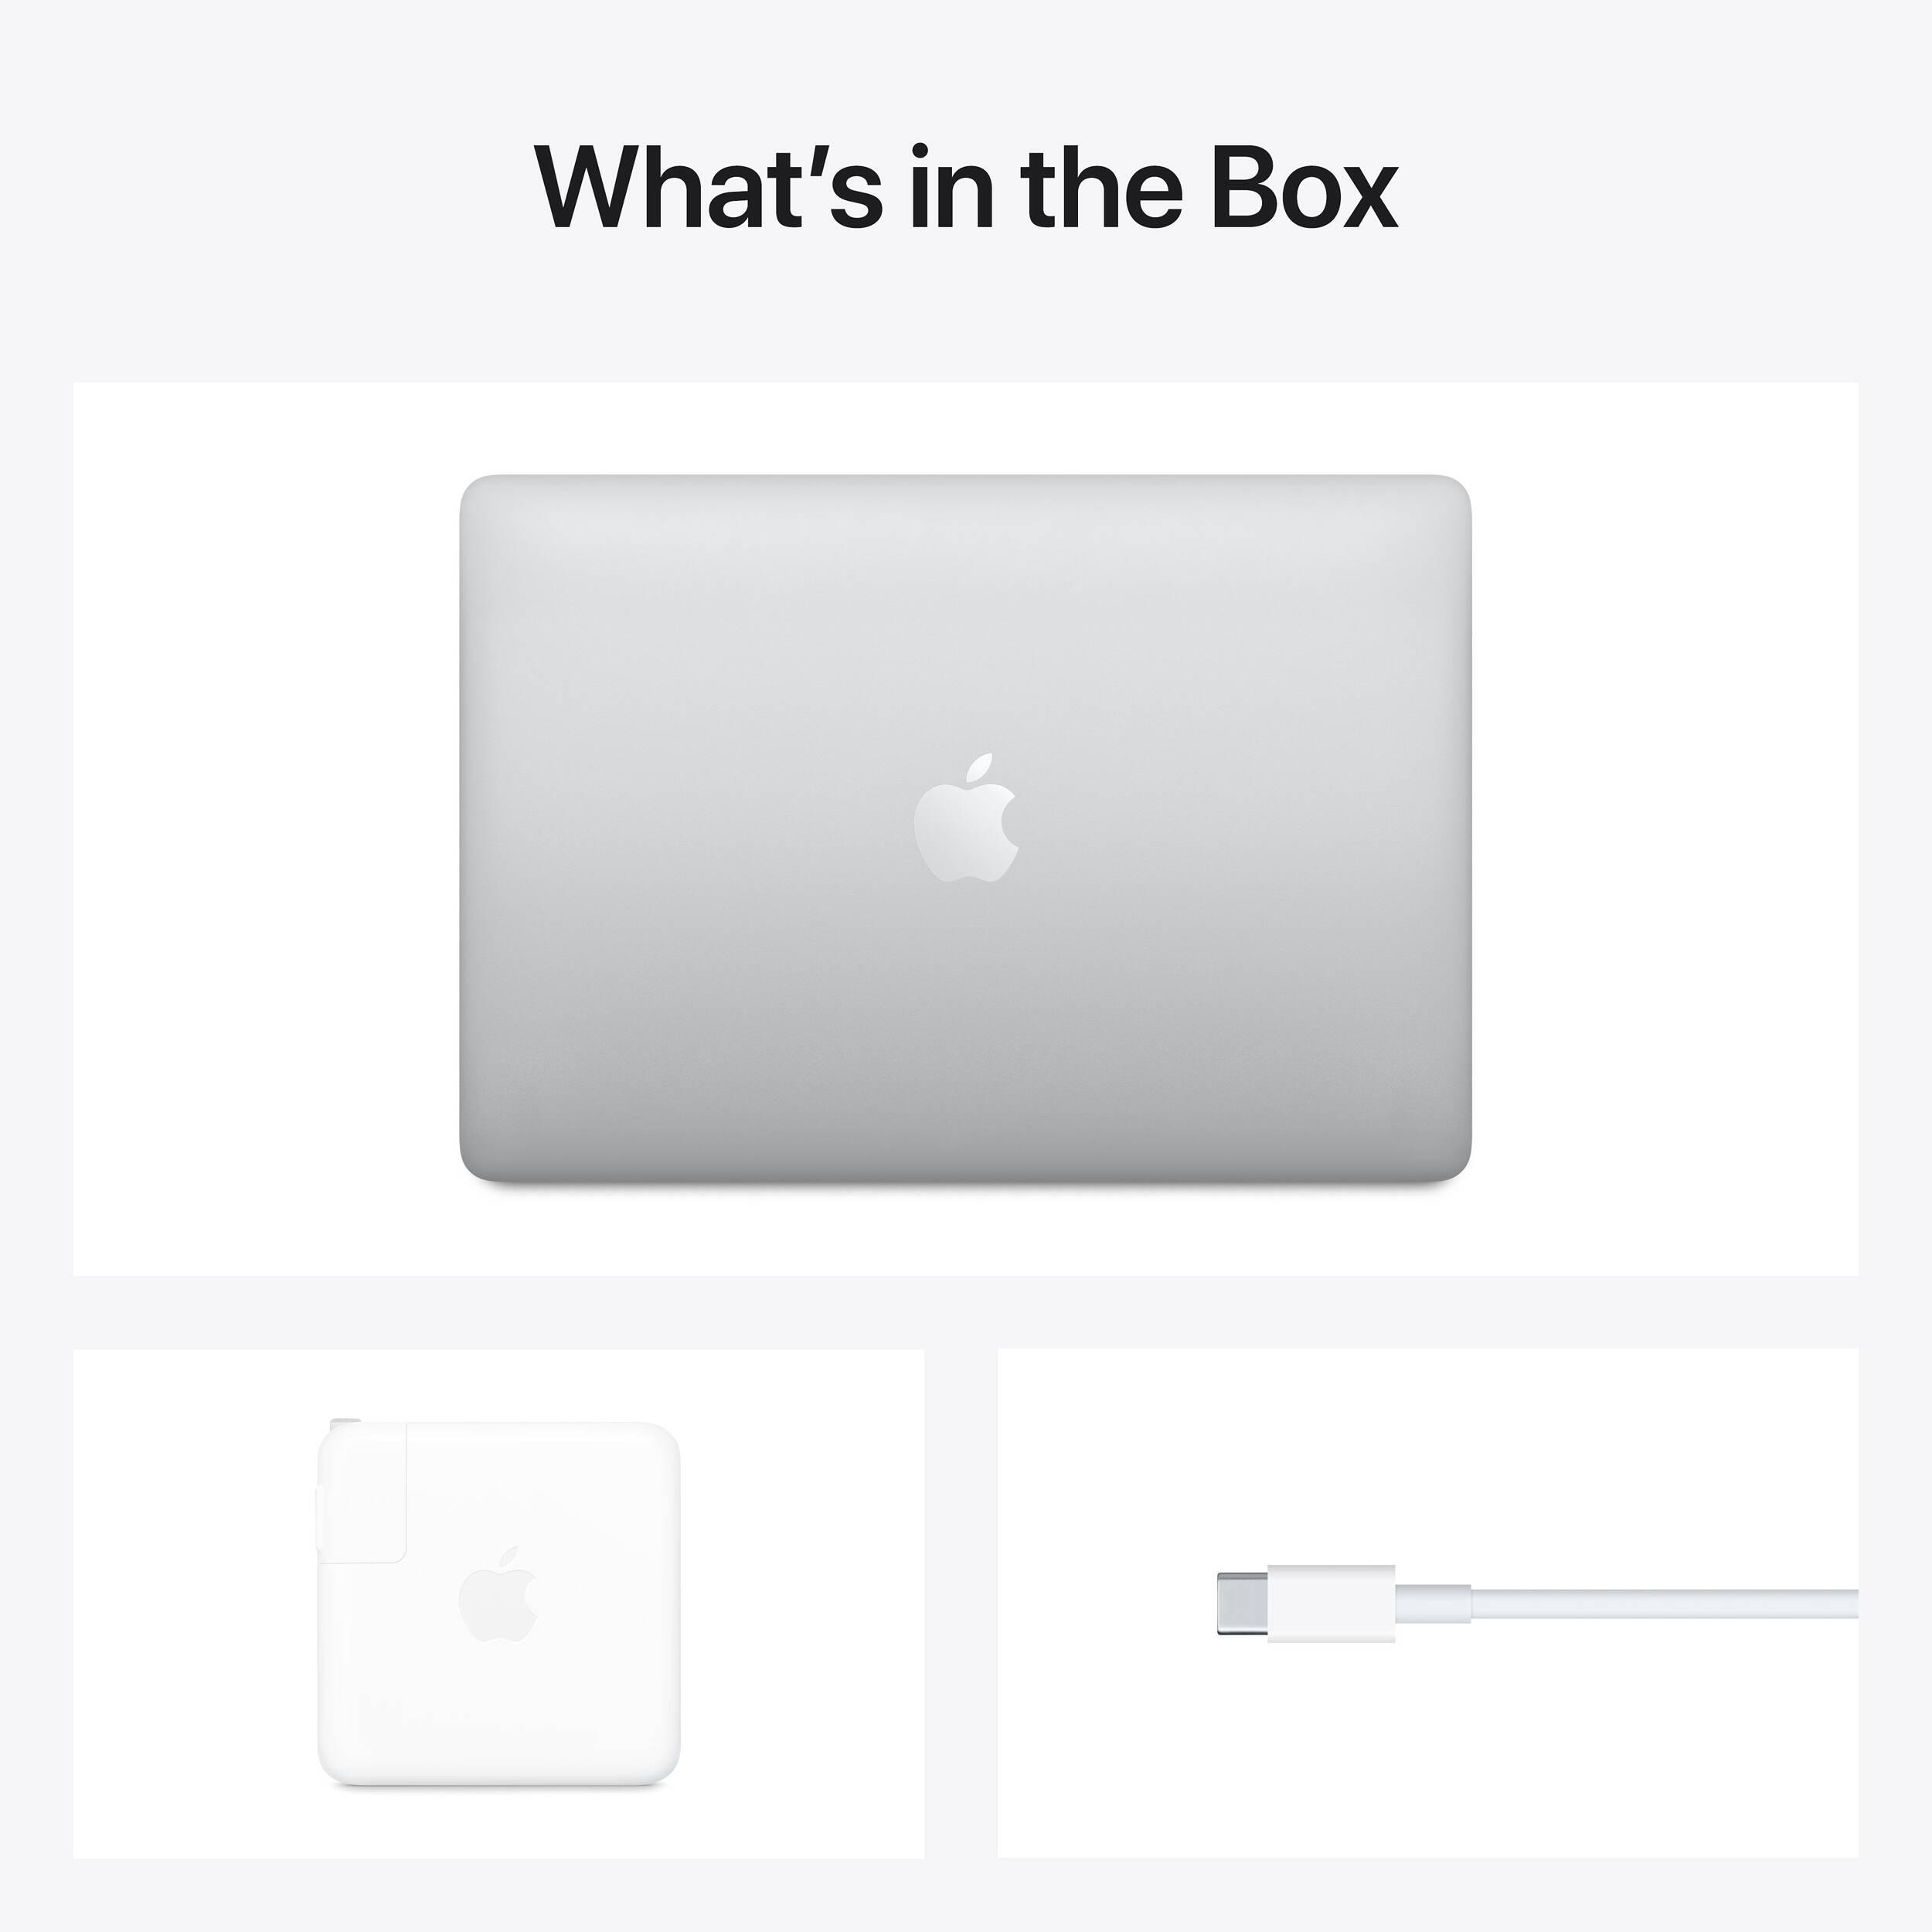 لپ تاپ 13 اینچی اپل مدل MacBook Pro MYDA2 2020 همراه با تاچ بار